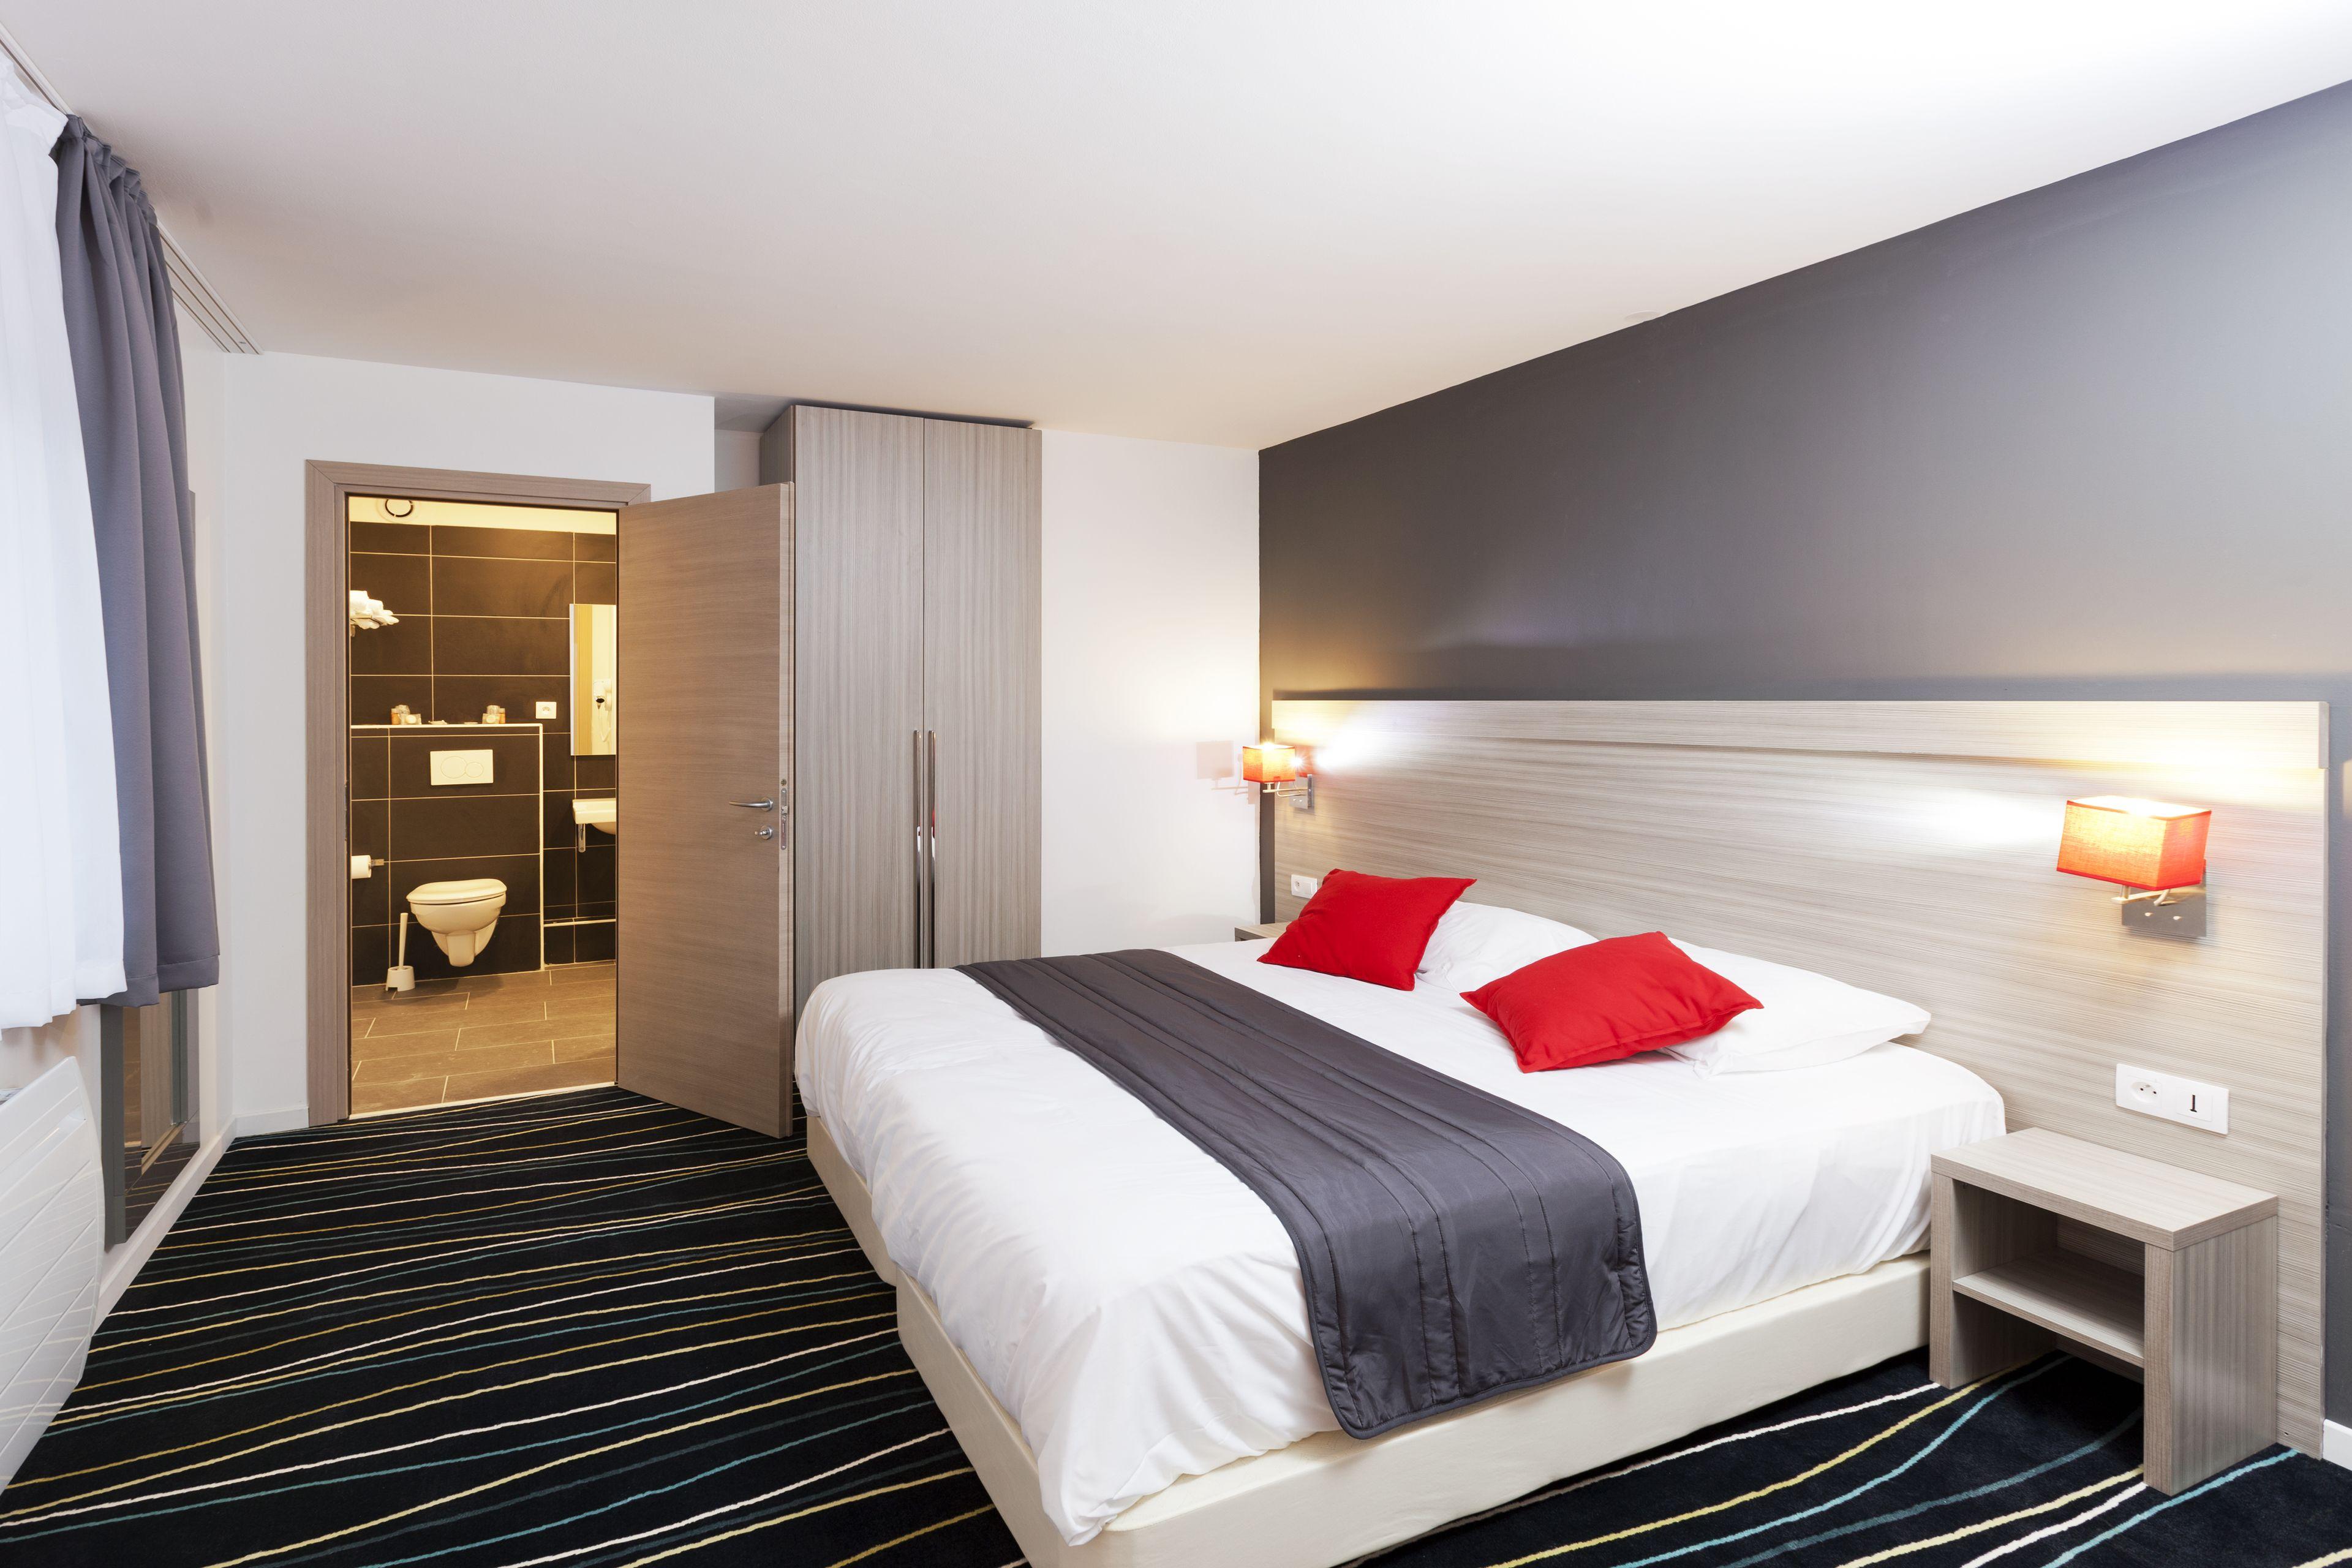 Hotel The Originals Marne-la-vallÉe Est Meaux